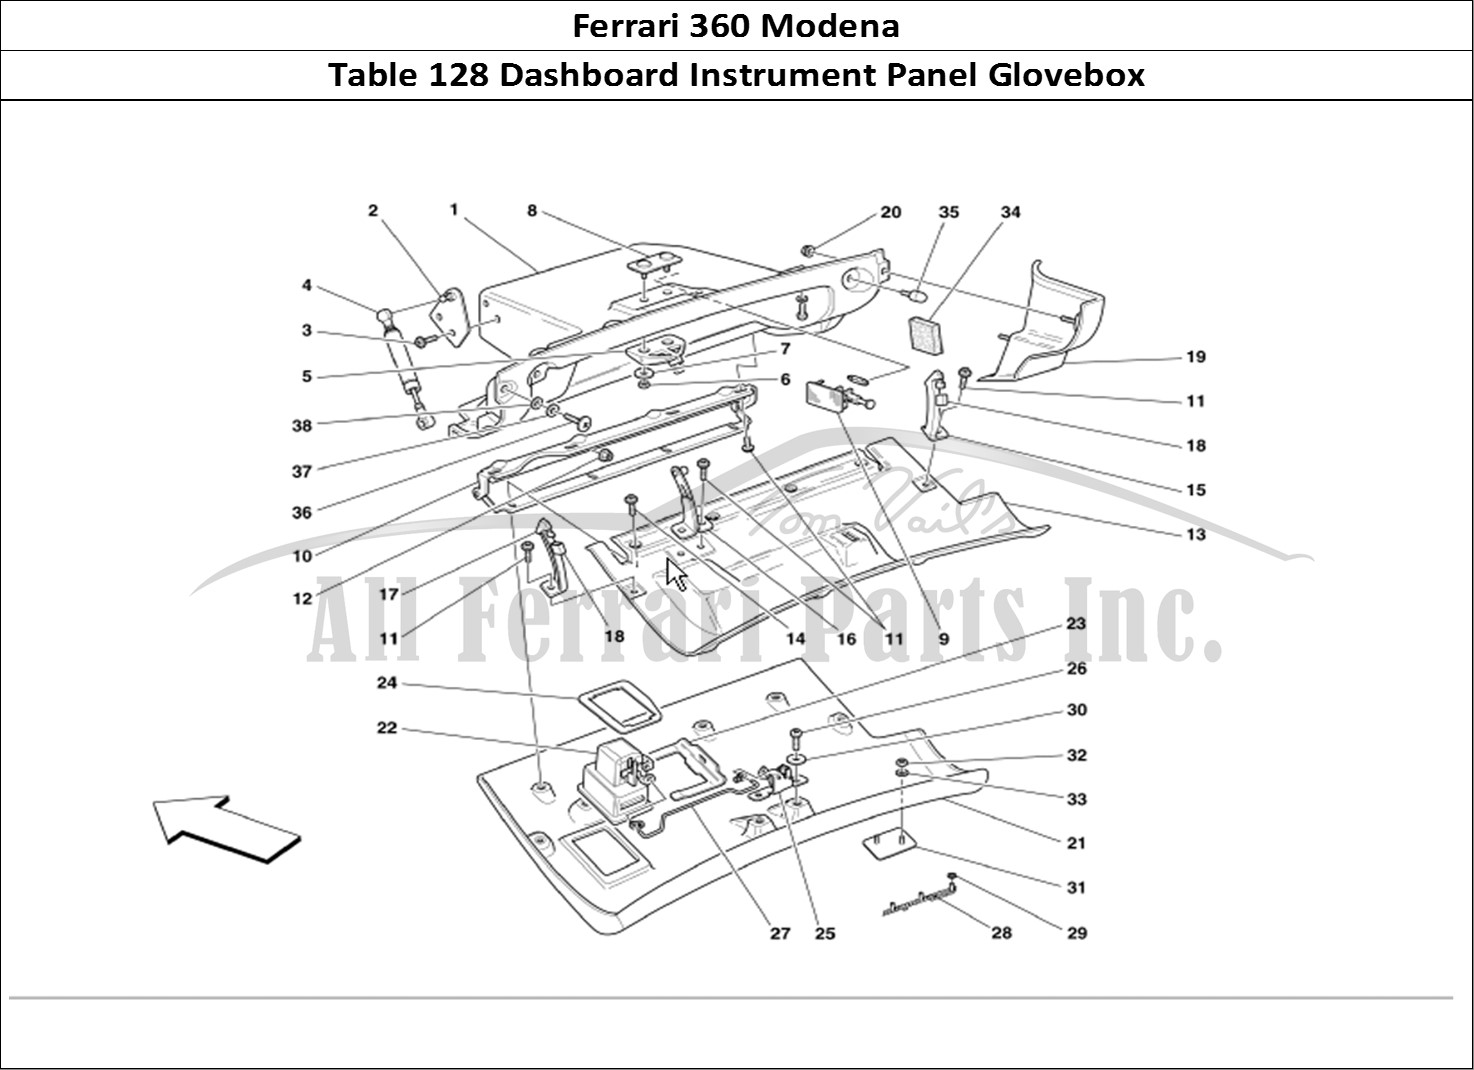 Buy original Ferrari 360 Modena 128 Dashboard Instrument